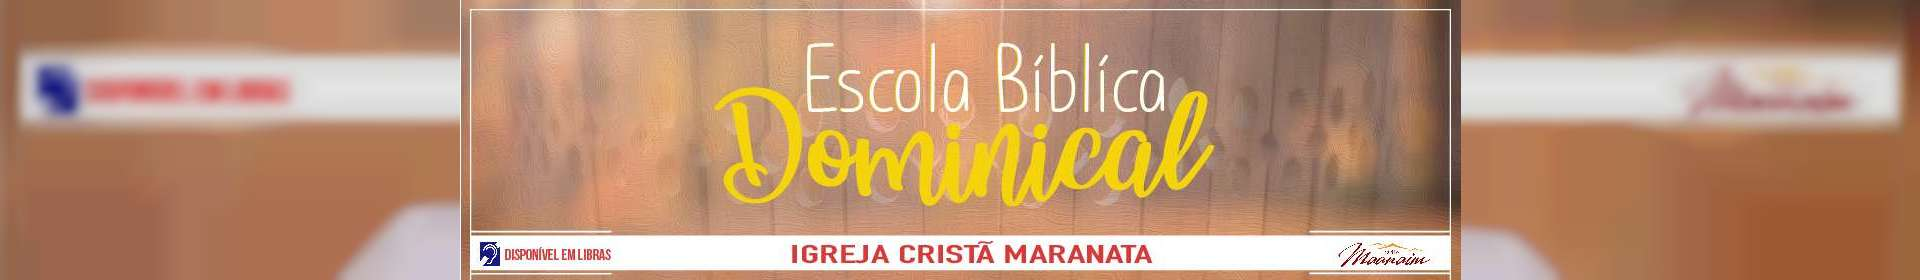 Escola Bíblica Dominical - 22/09/2019